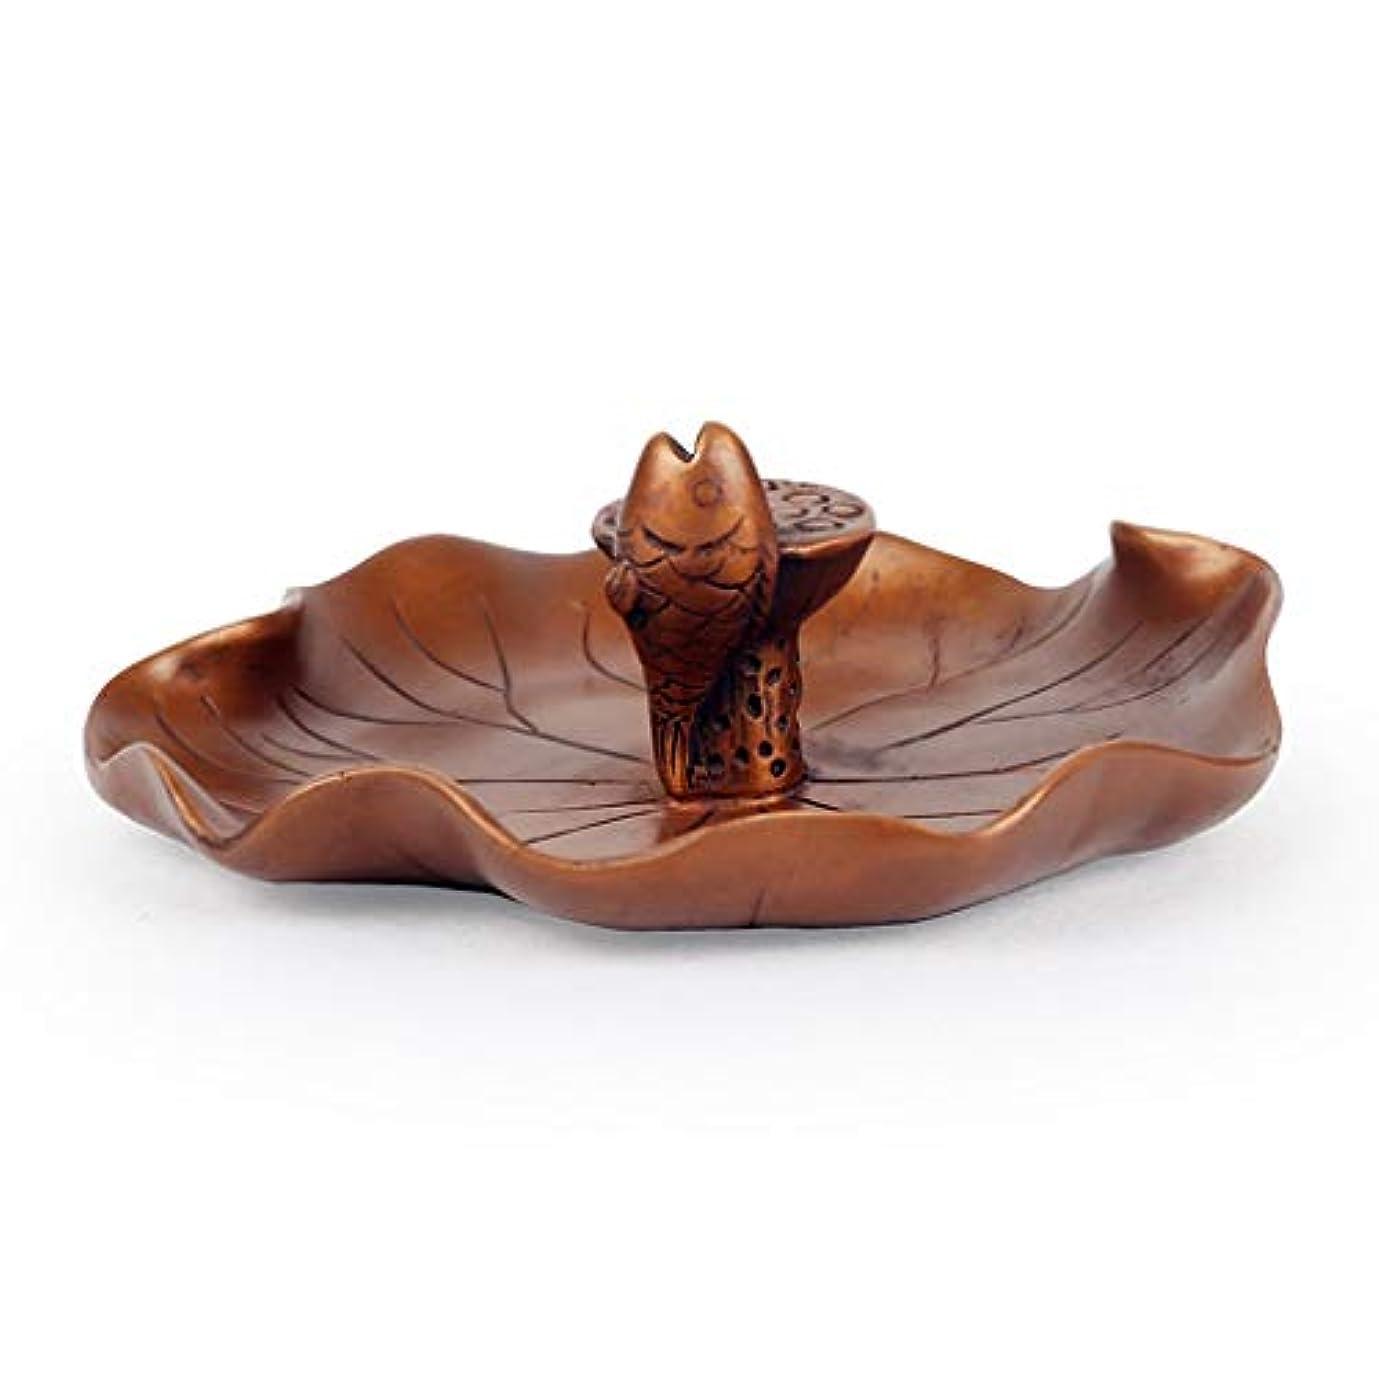 ホームアロマバーナー 還流香炉ホーム香りの良い禅禅ラッキー鑑賞新しいクリエイティブアガーウッド香バーナー装飾 アロマバーナー (Color : Brass)